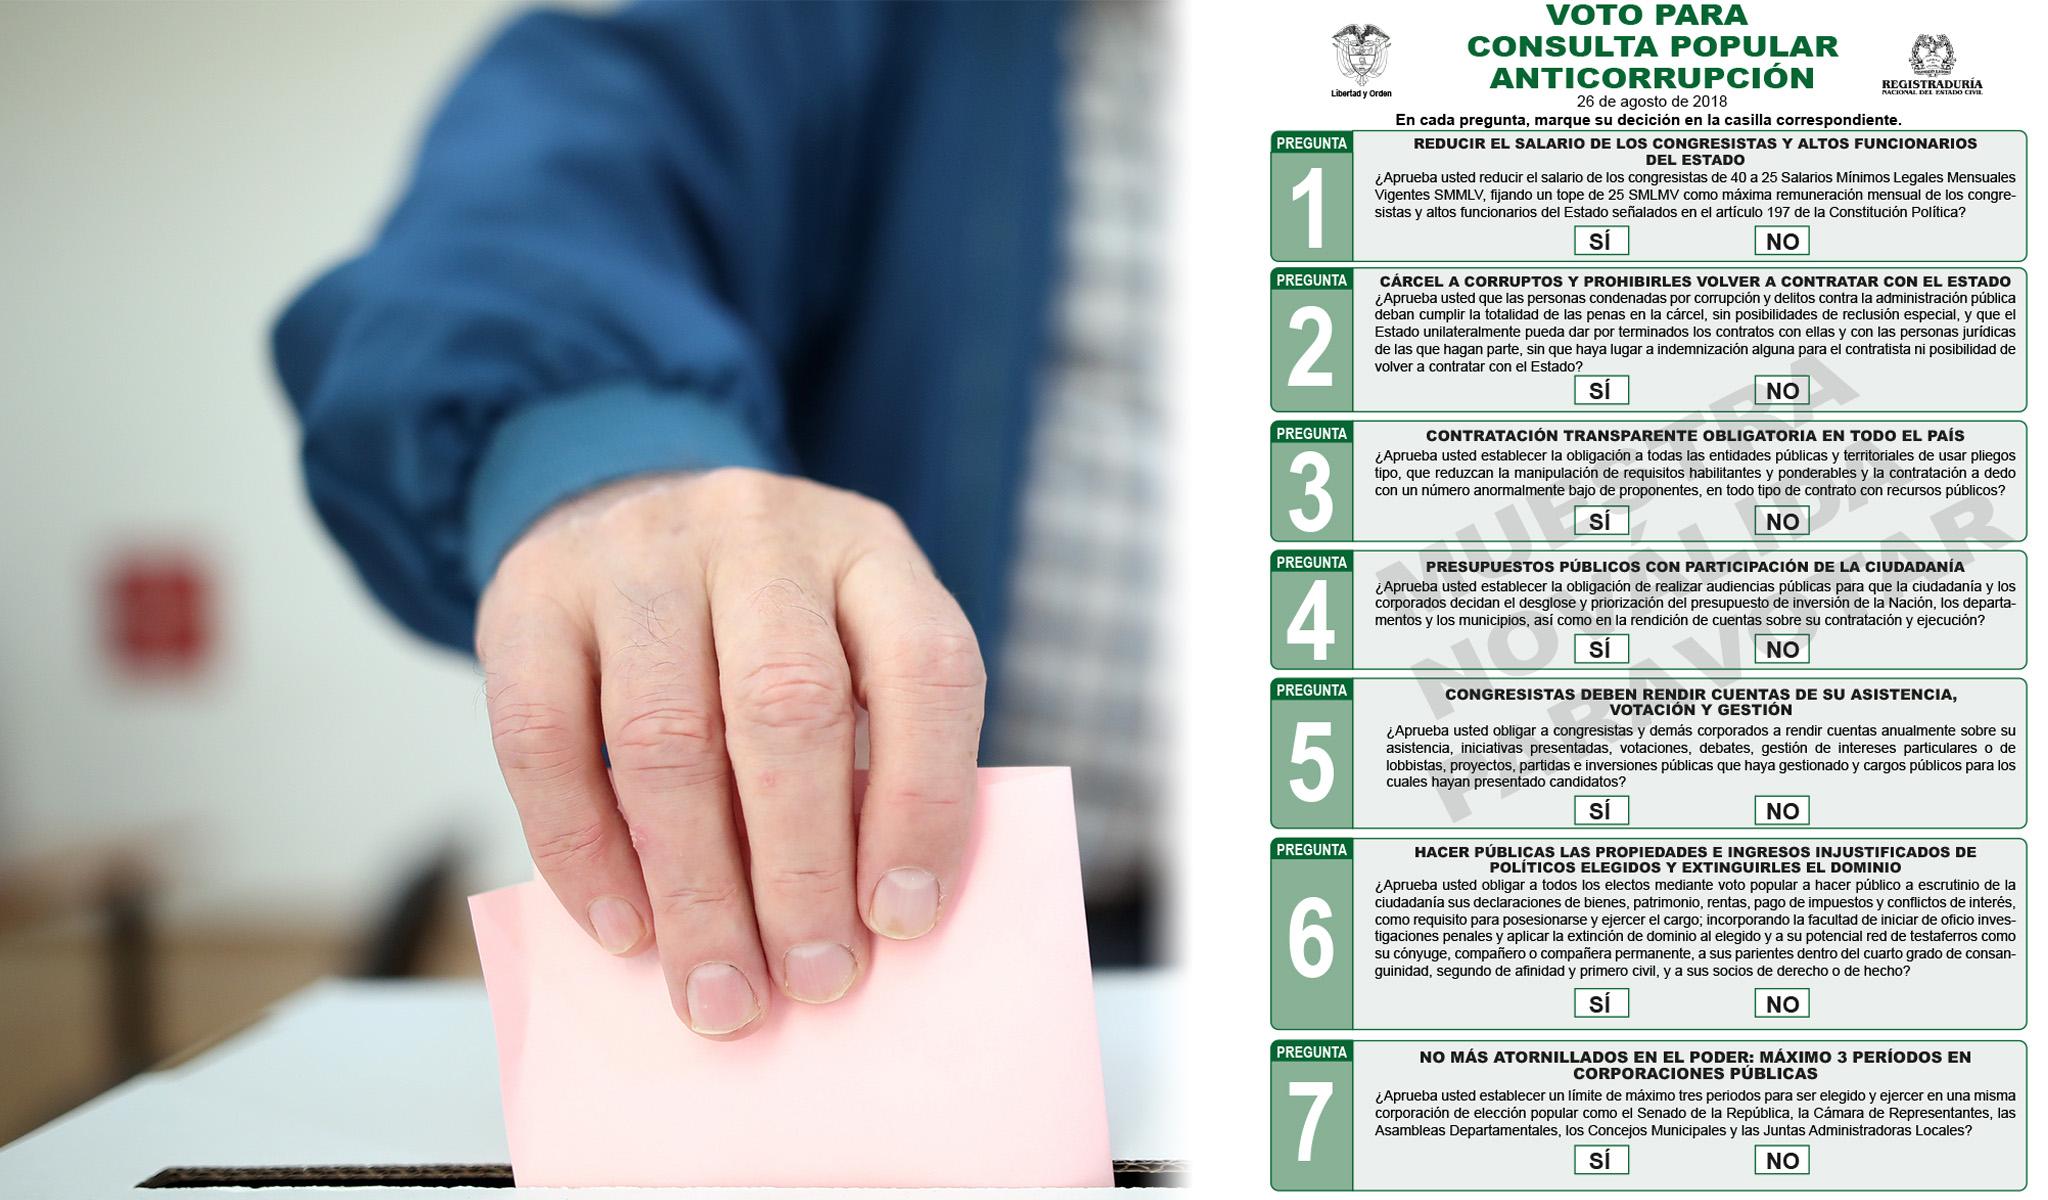 Cifra oficial de la votación de la Consulta Anticorrupción